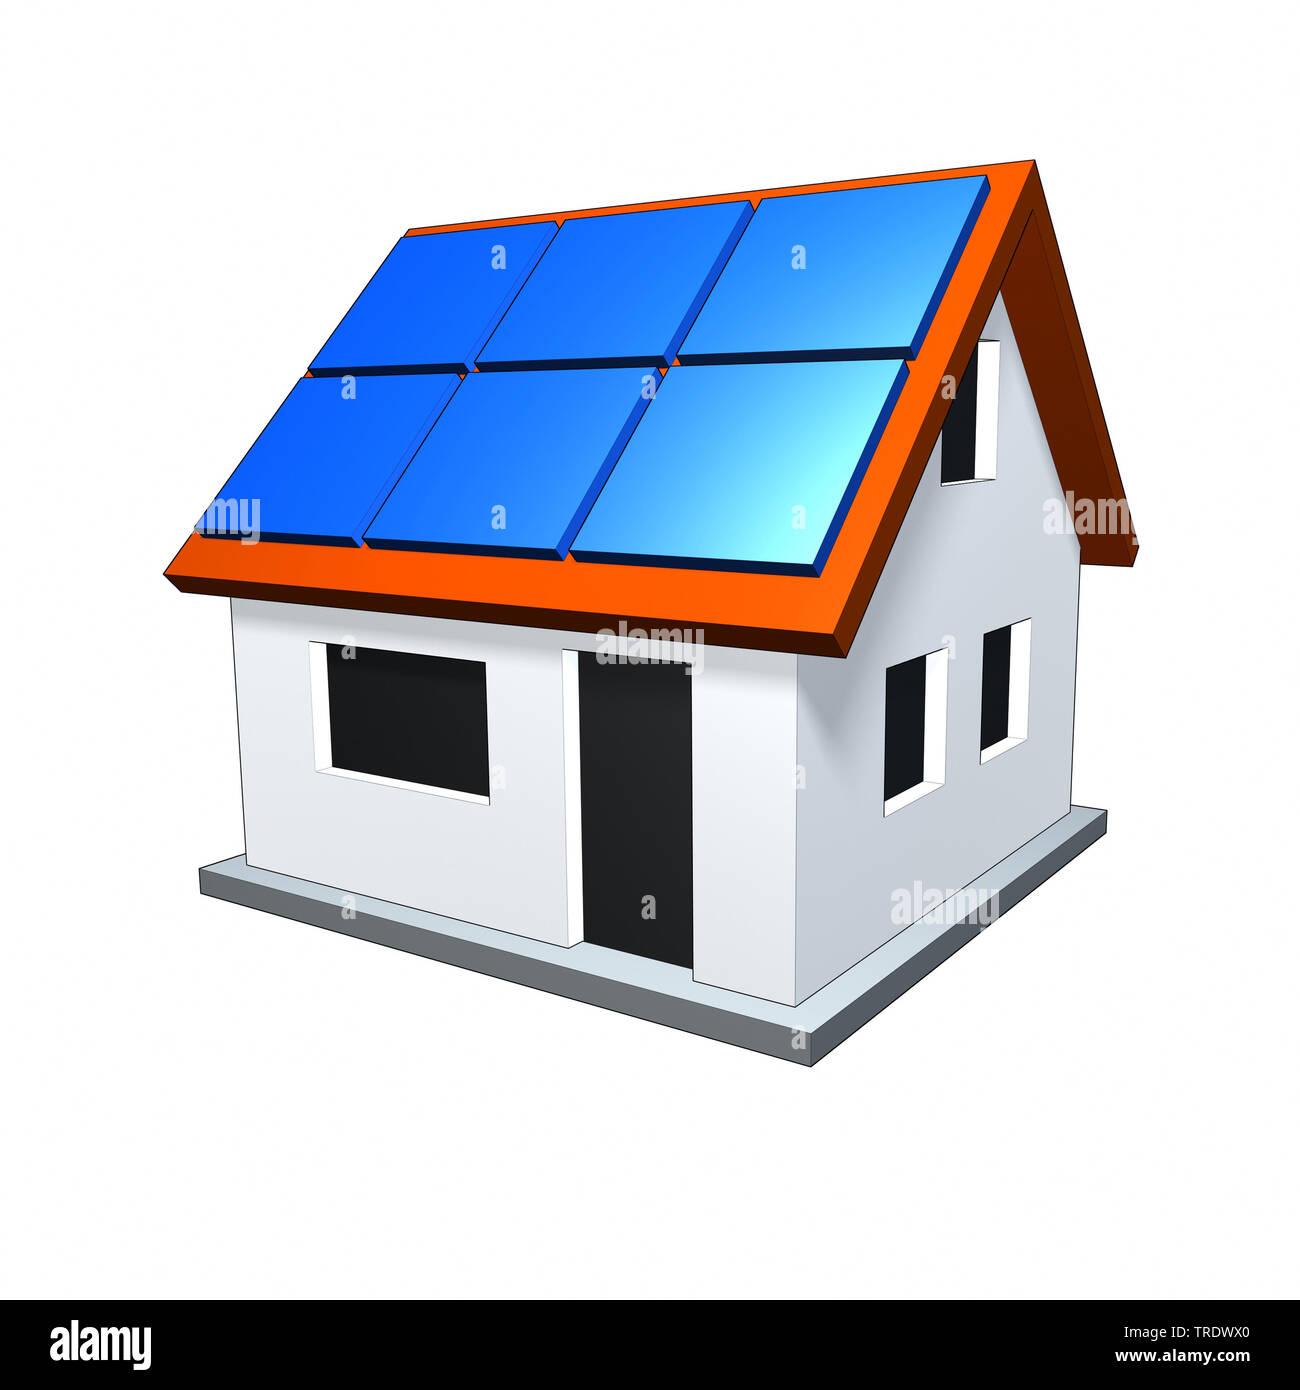 3D-Computergrafik, Alleinstehendes Einfamilienhaus mit Solarzellen auf dem Dach | 3D computer graphic, freestanding single house with solar panels on - Stock Image